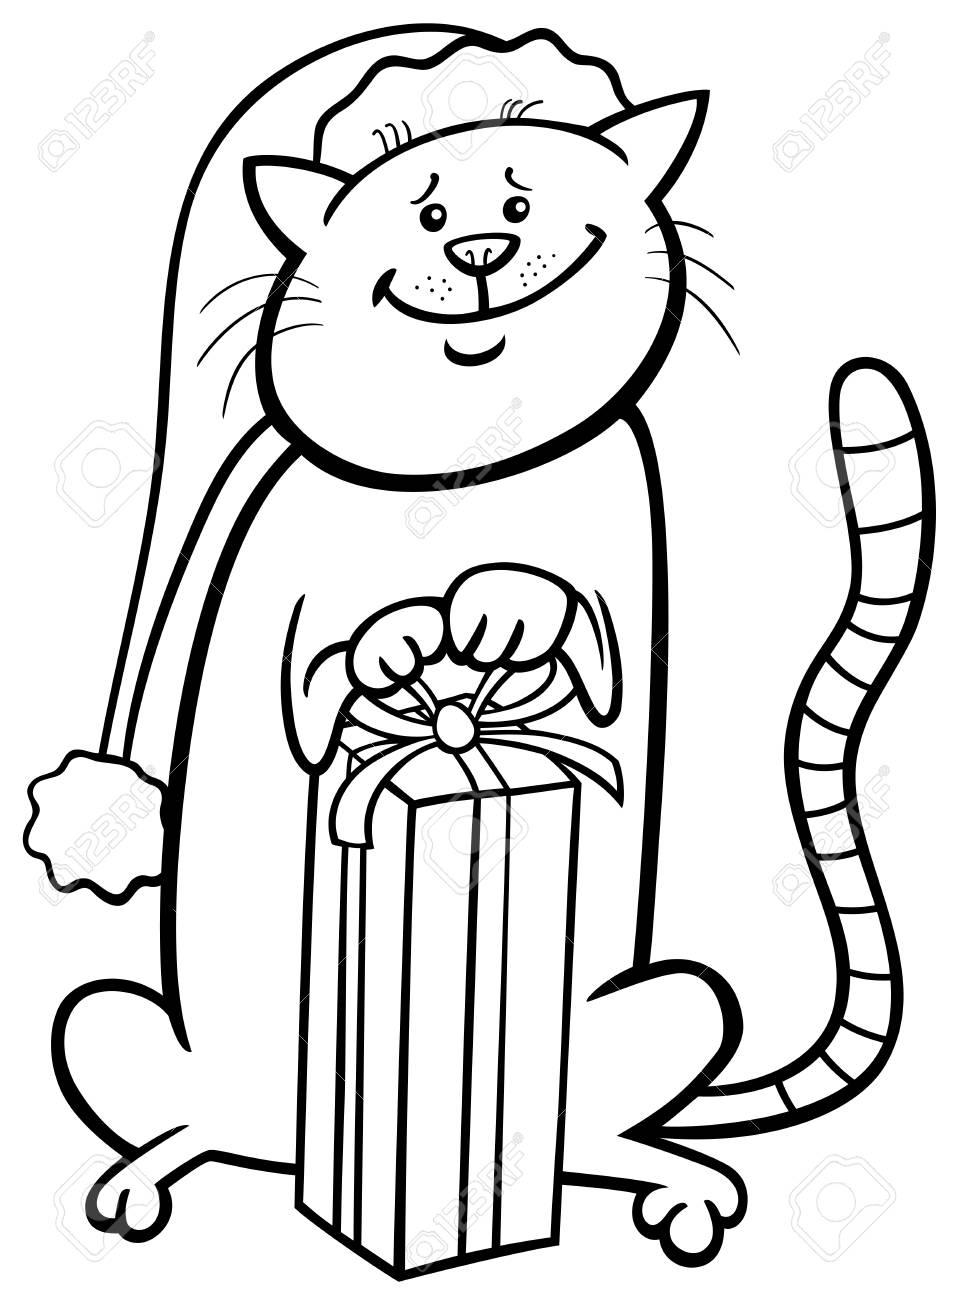 Ilustración De Dibujos Animados En Blanco Y Negro De Gato O Gatito ...